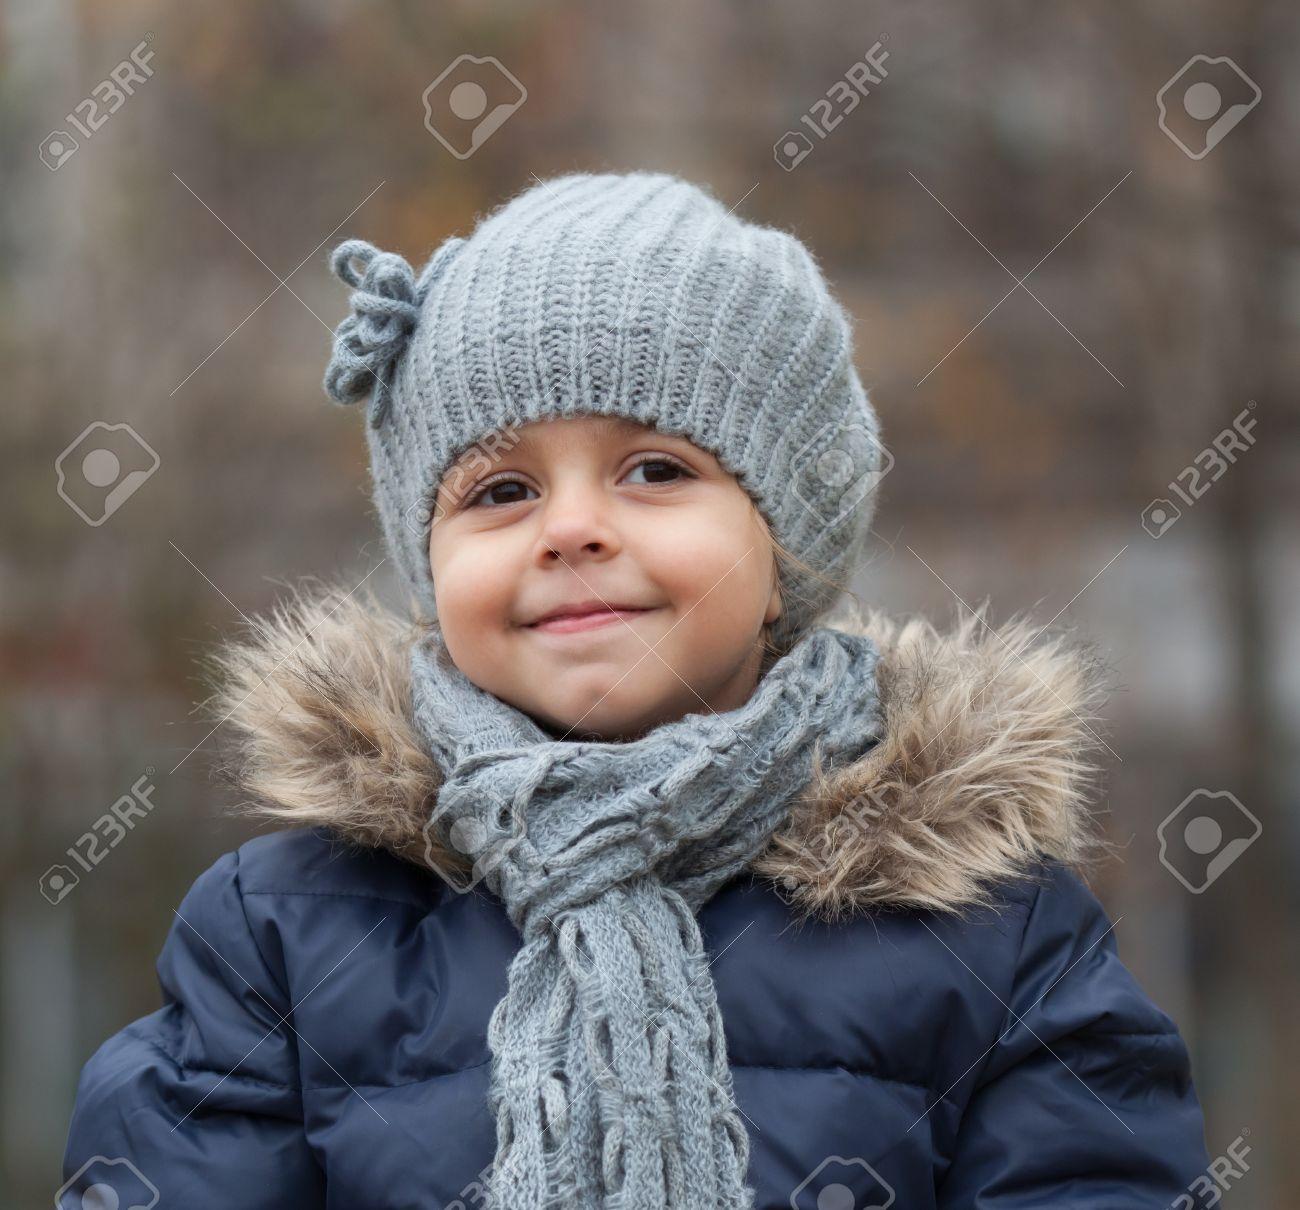 f82da166a8aba Foto de archivo - Retrato de la sonrisa niña con gorro de lana y bufanda.